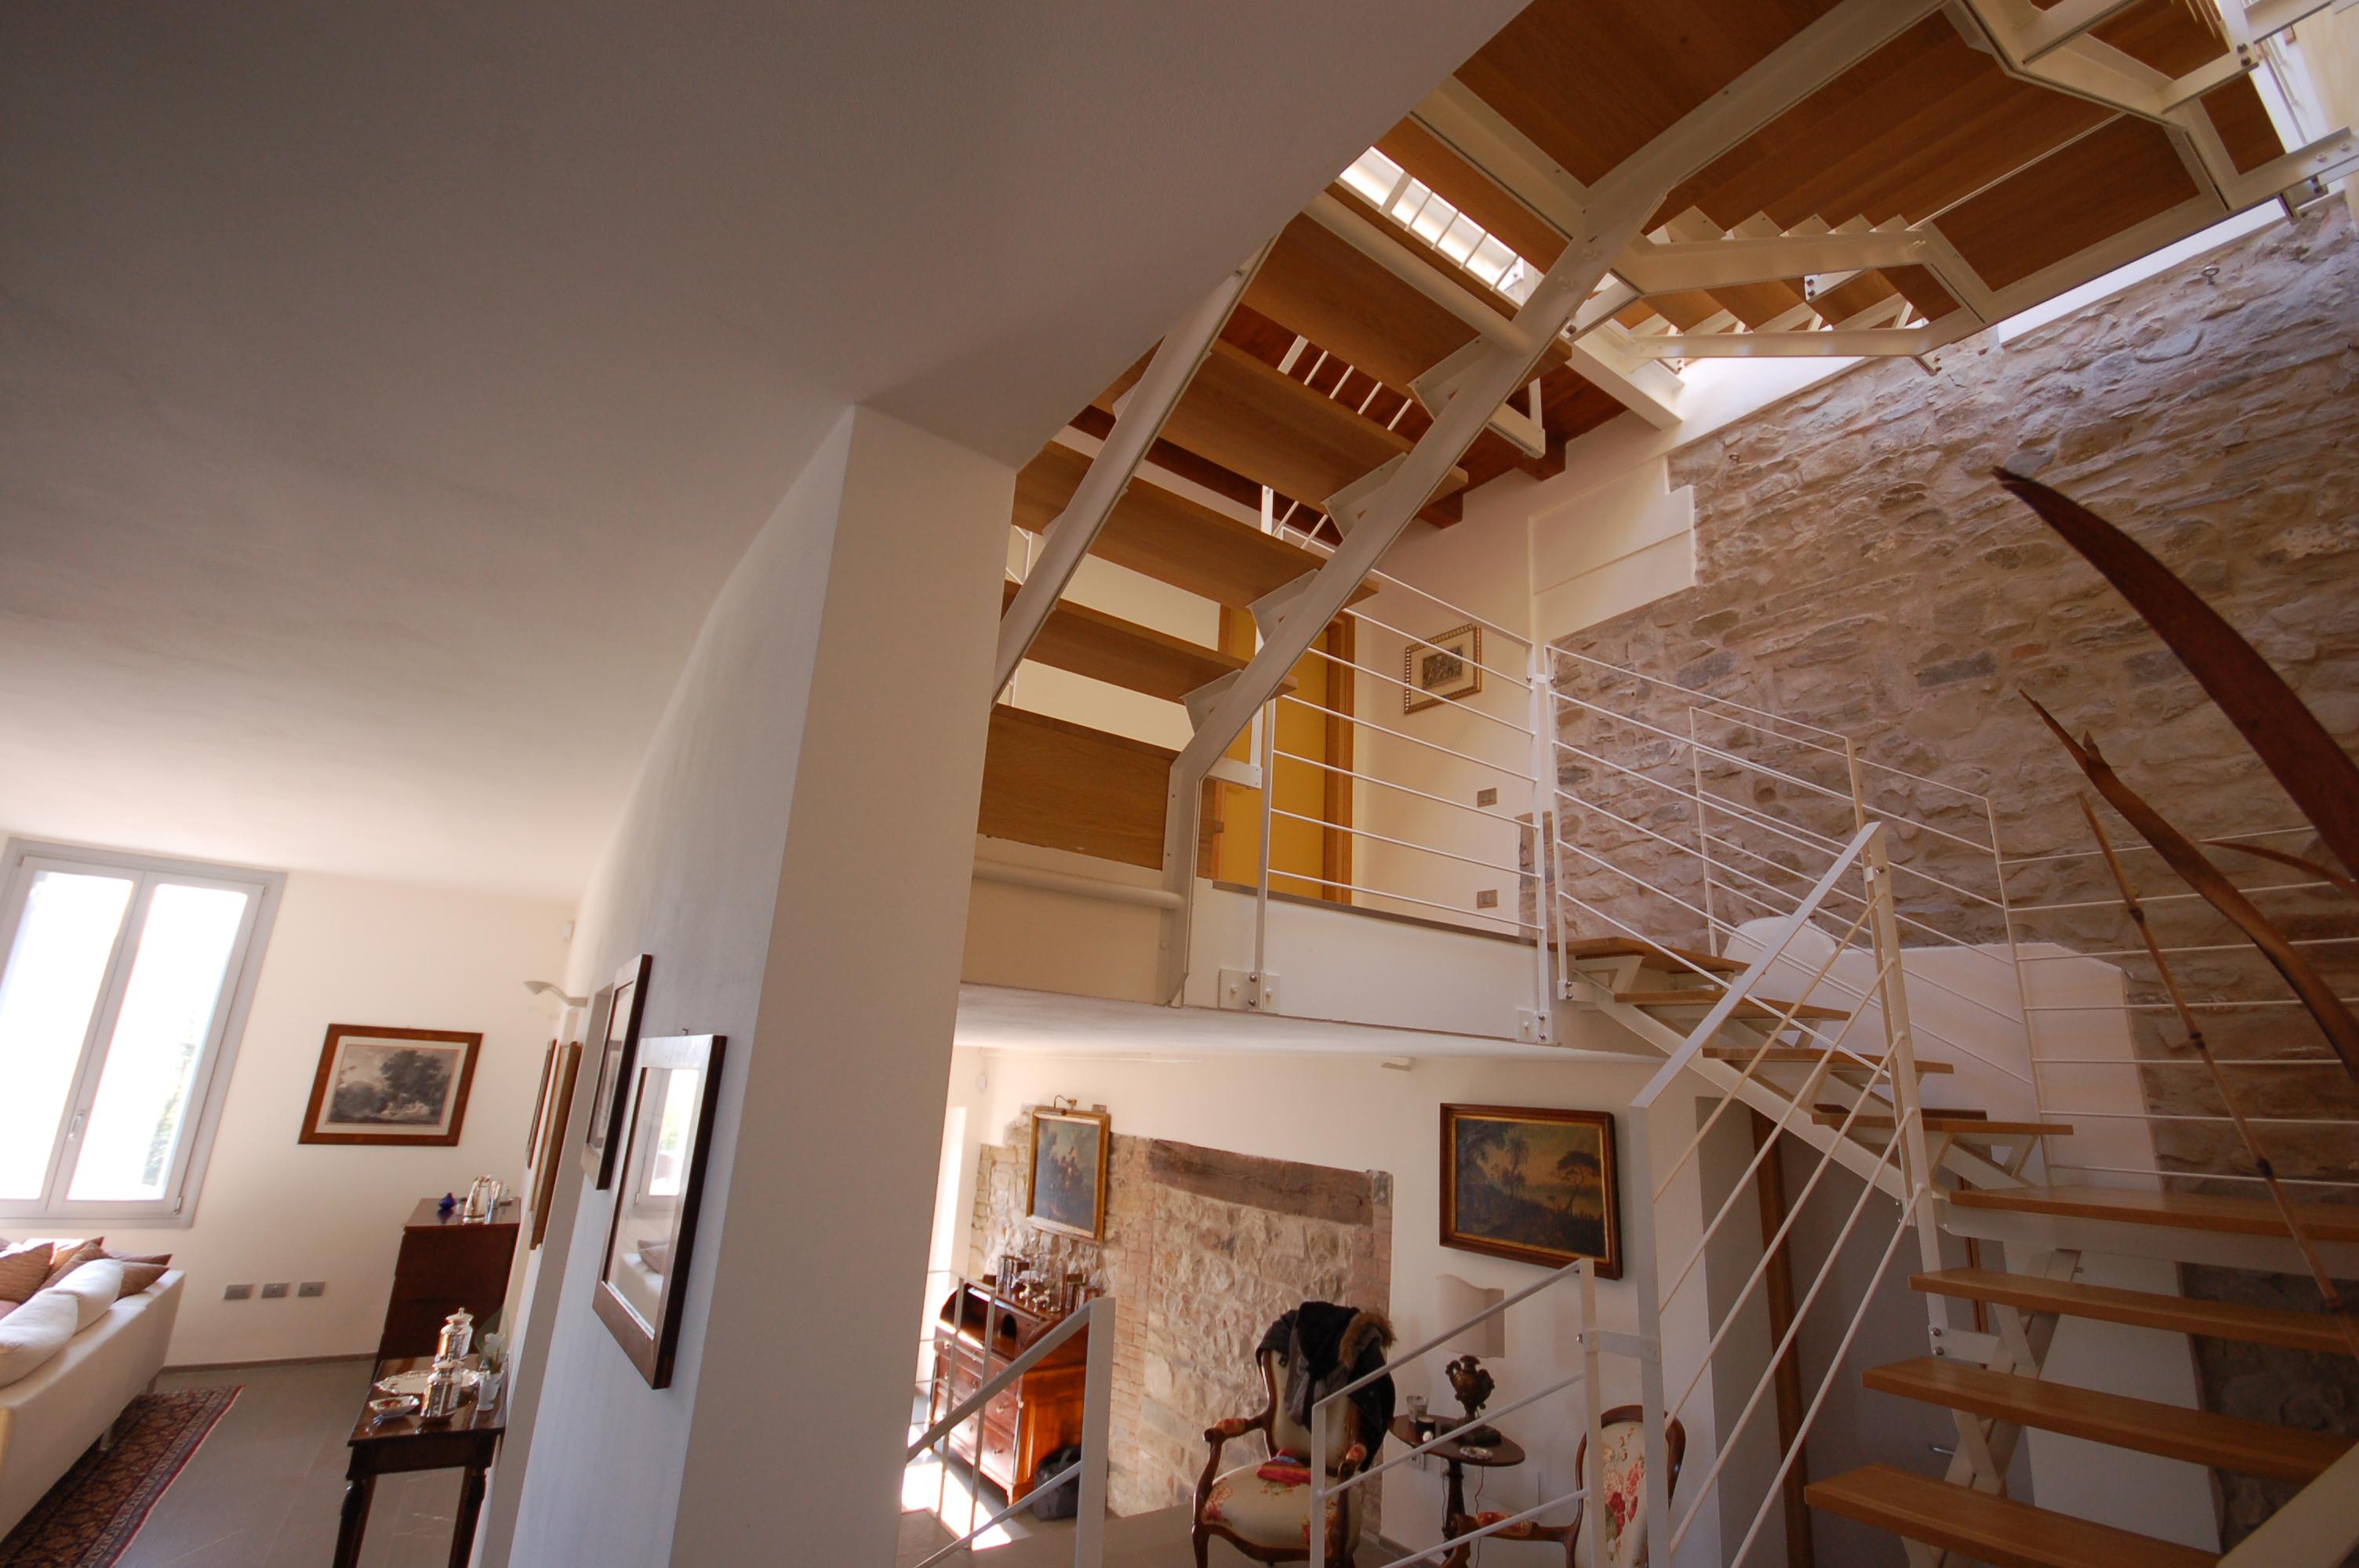 Rustico ristrutturato caseloft s r l immobiliare sassuolo for Affitto rustico della cabina